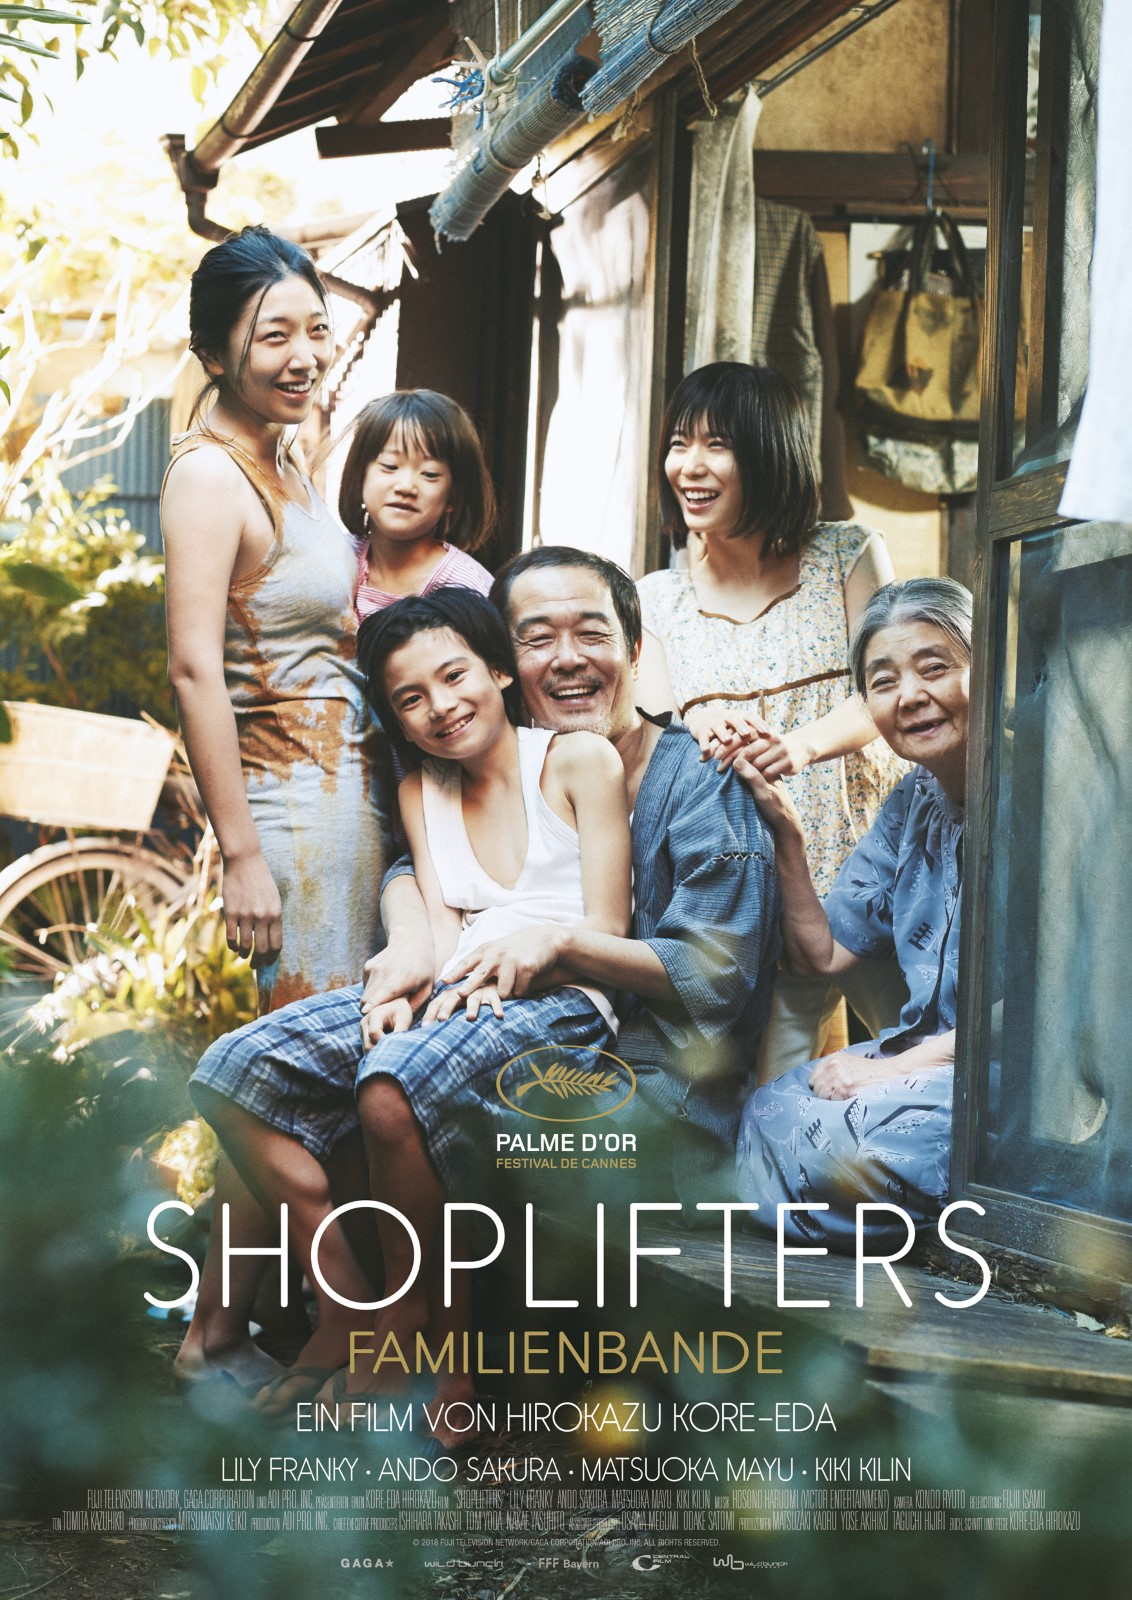 ดูหนังออนไลน์ฟรี Shoplifters (2018) ครอบครัวที่ลัก หนังเต็มเรื่อง หนังมาสเตอร์ ดูหนังHD ดูหนังออนไลน์ ดูหนังใหม่